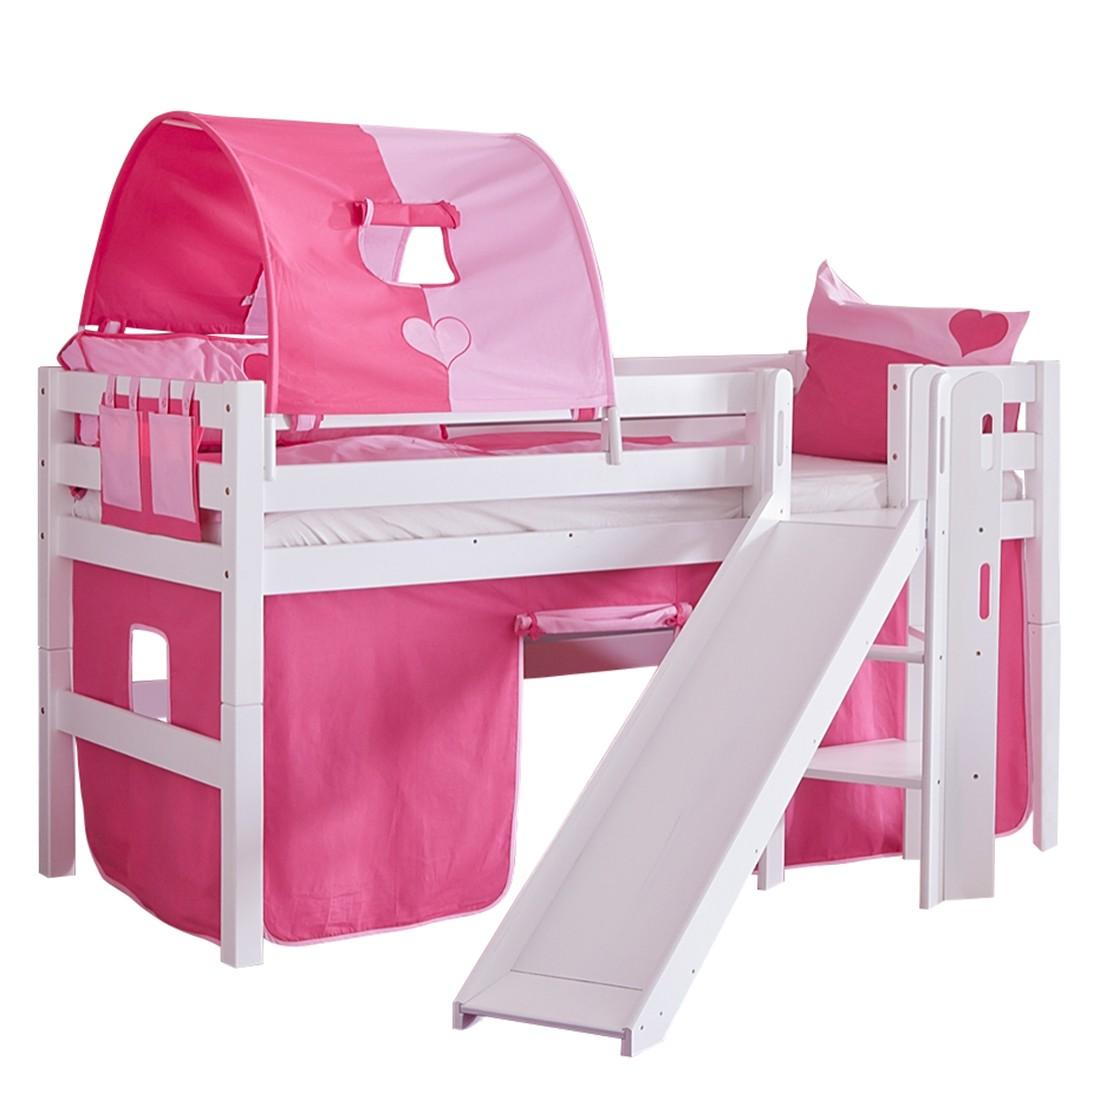 Spielbett Eliyas - mit Rutsche, Vorhang, Tunnel und Tasche - Buche weiß/Textil pink-herz, Relita